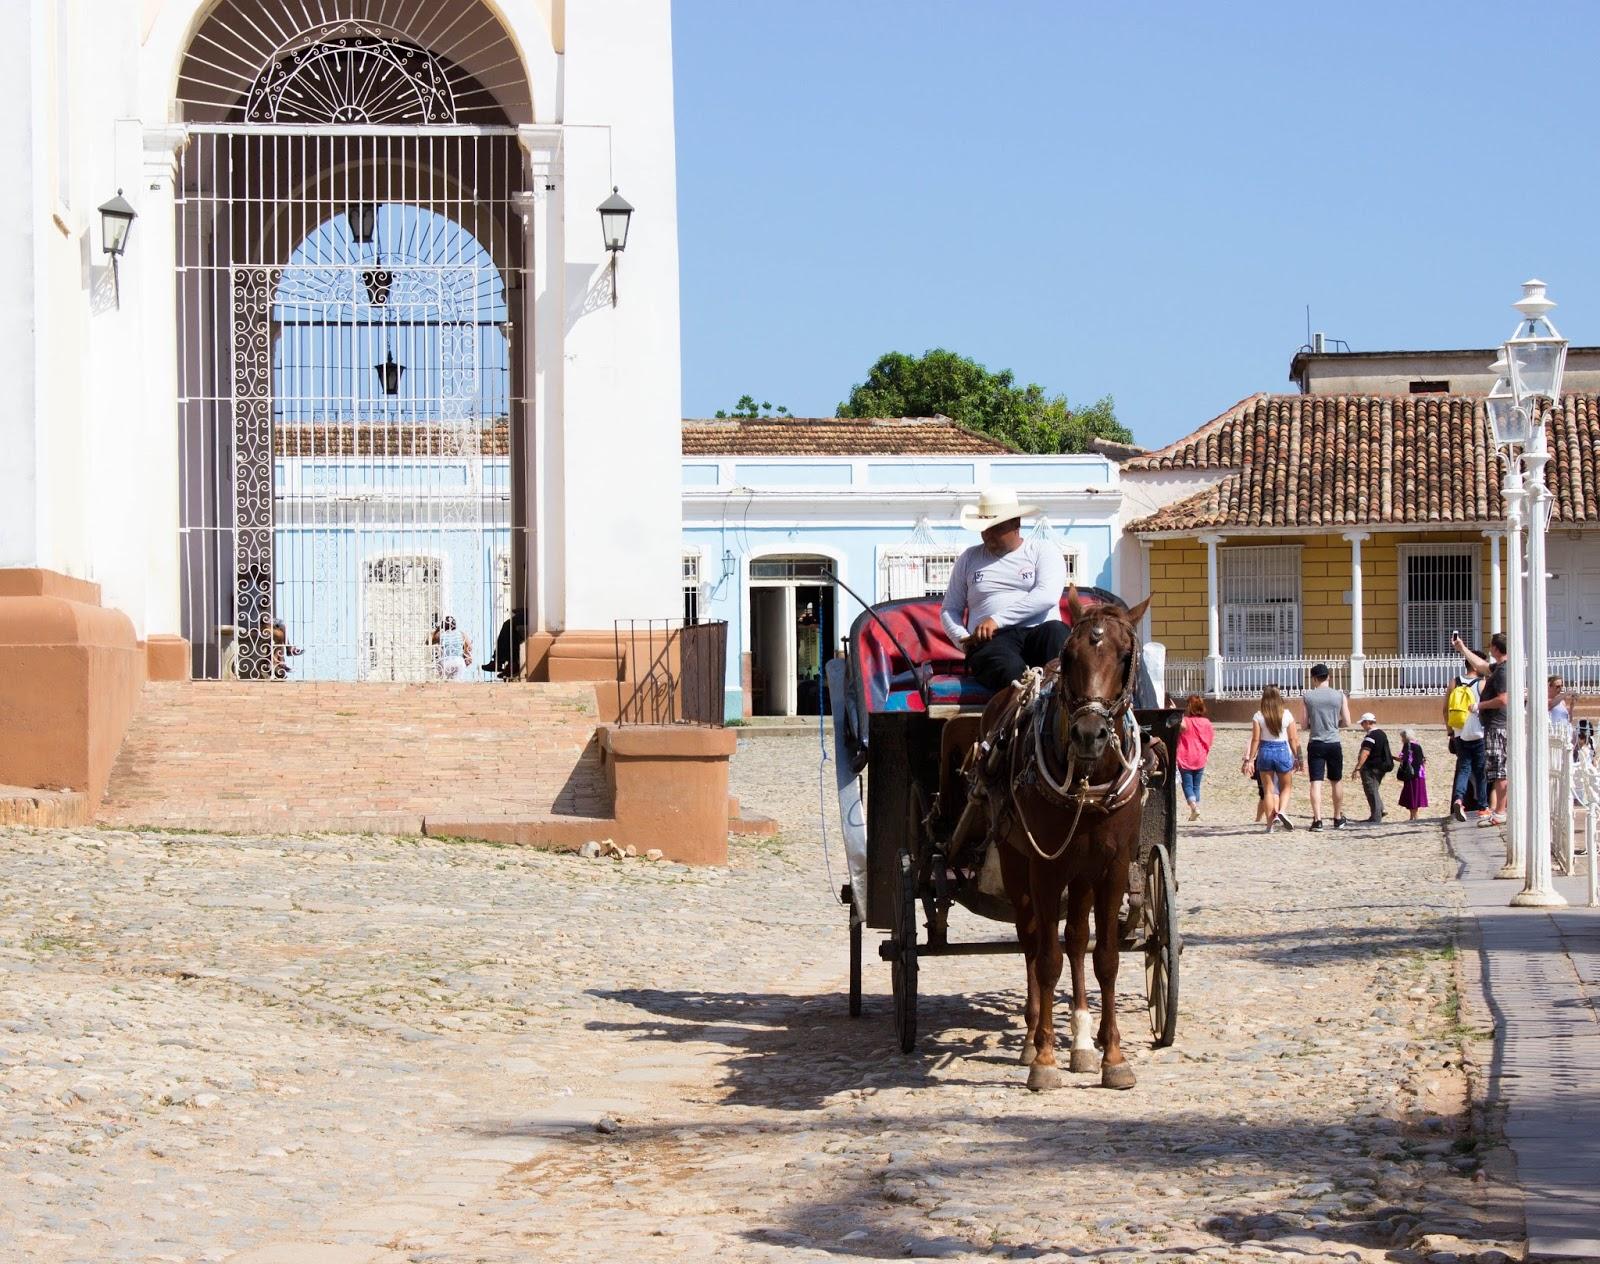 Trinidad_Cuba_Travel_Guide28429